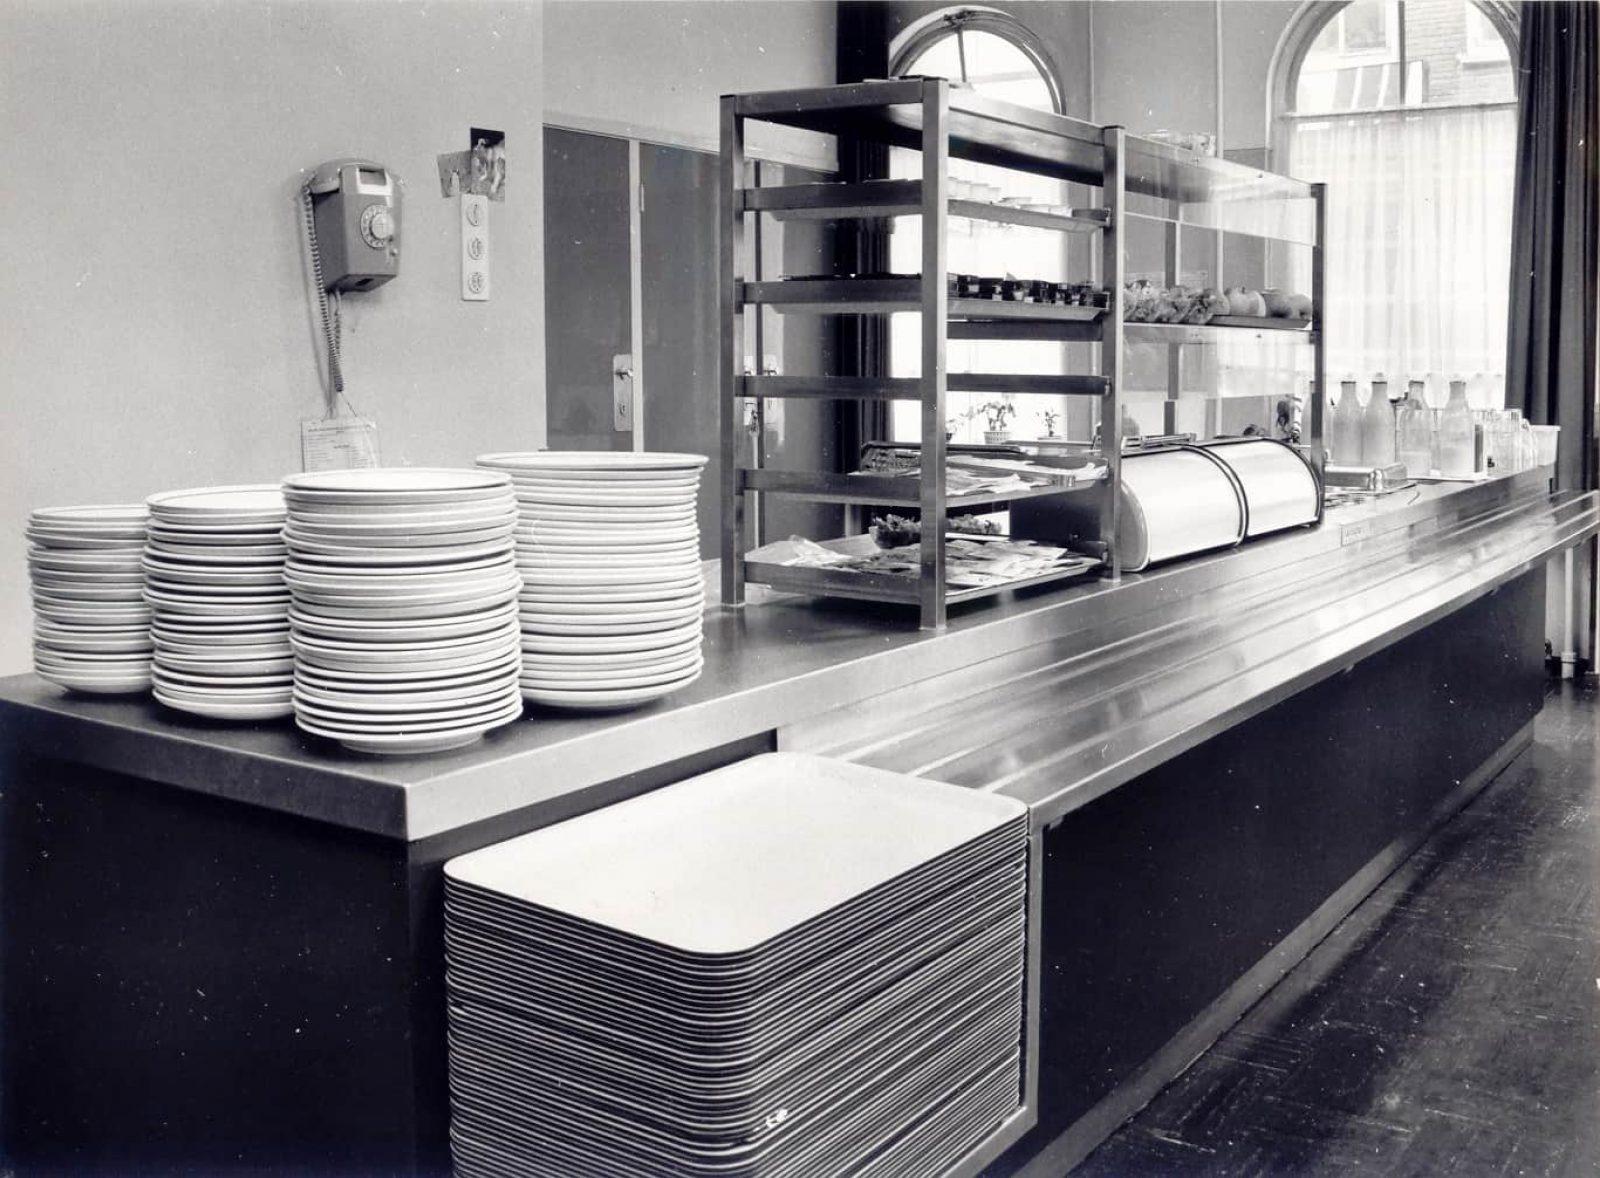 Oogziekenhuis_restaurant